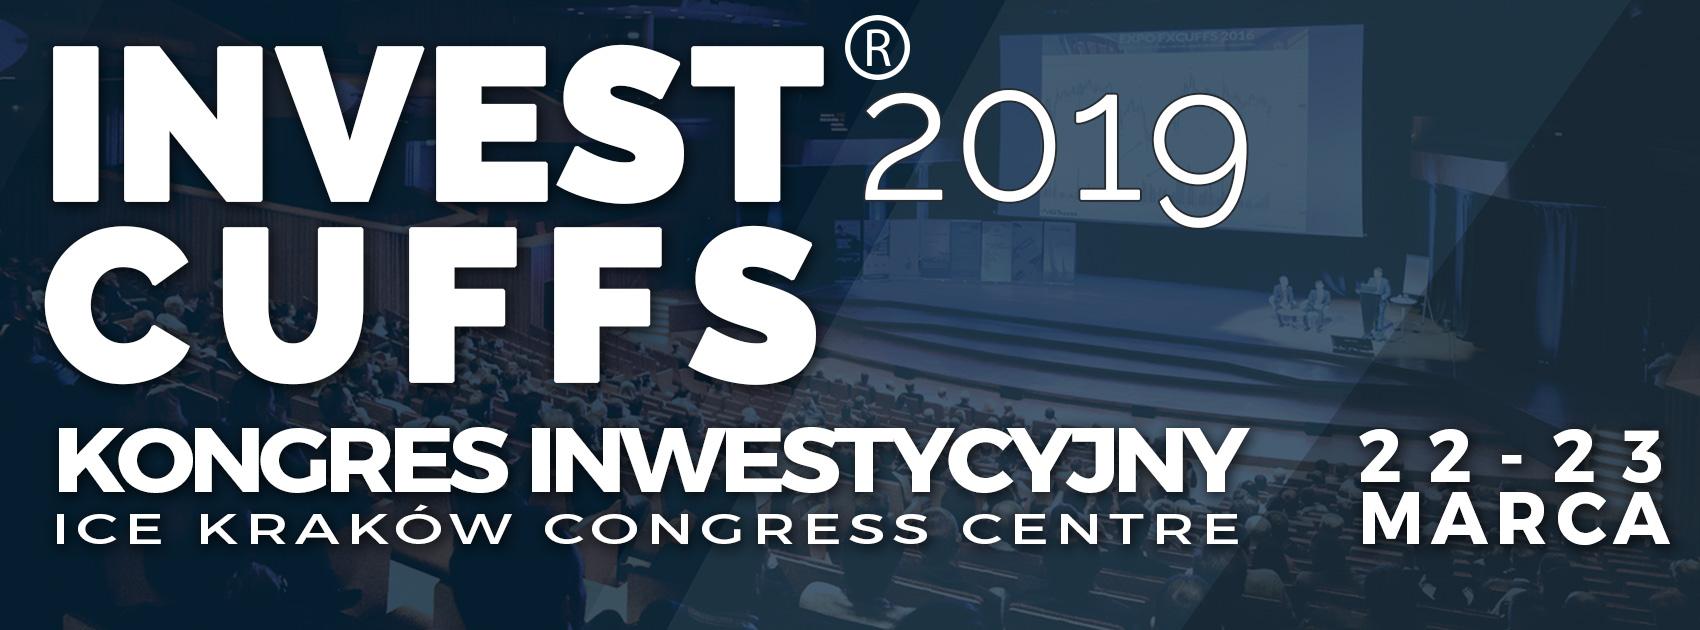 Invest Cuffs 2019 - Zarejestruj się